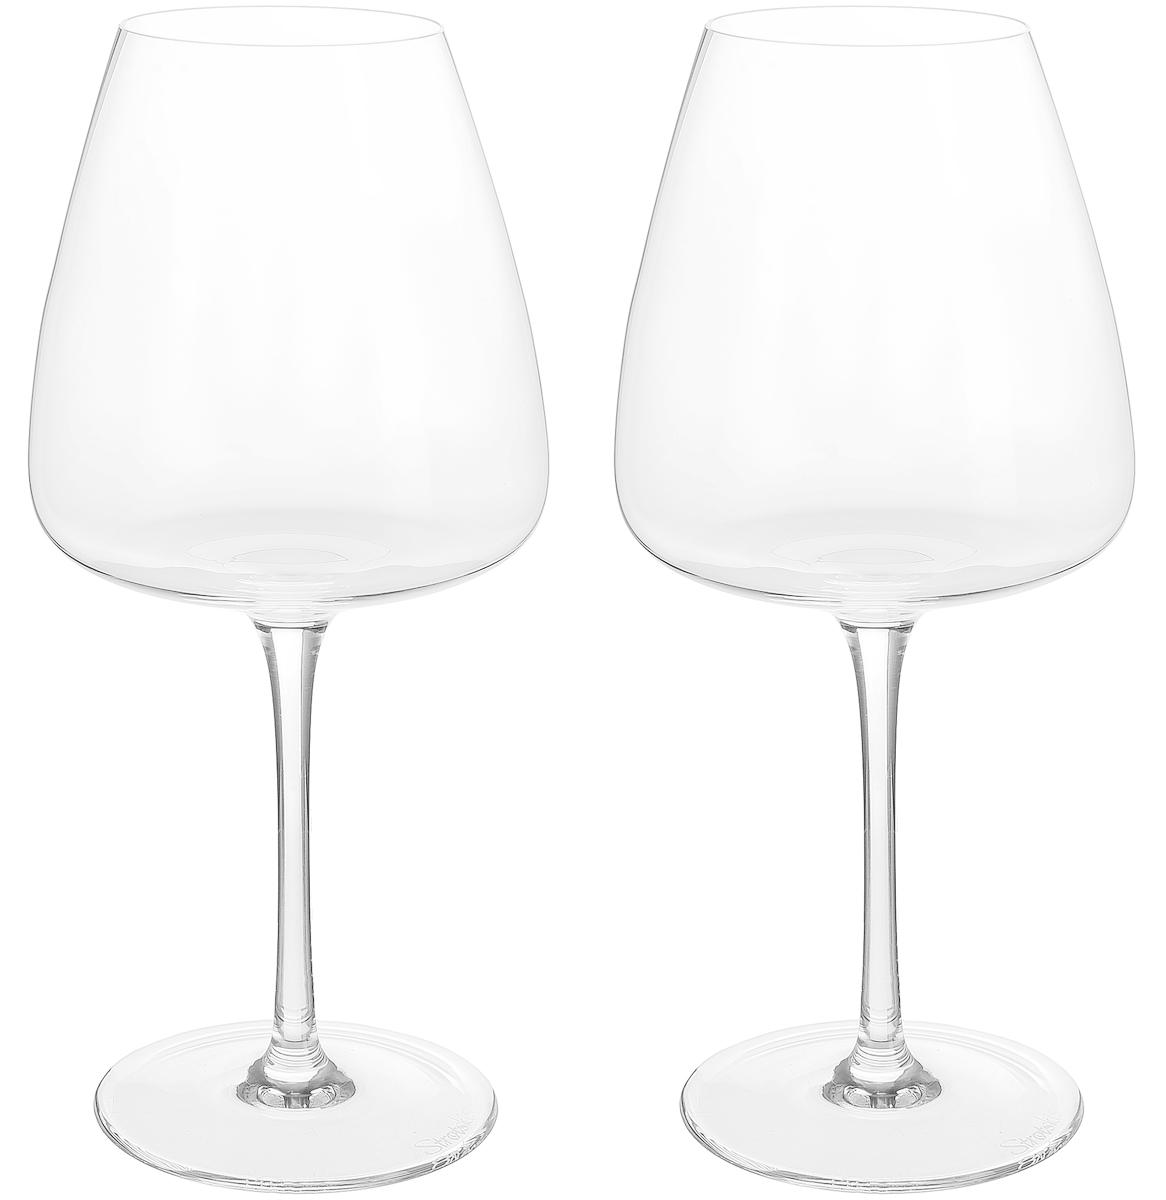 Бокал Strotskis Dionys, для красного вина, 590 мл, 2 шт